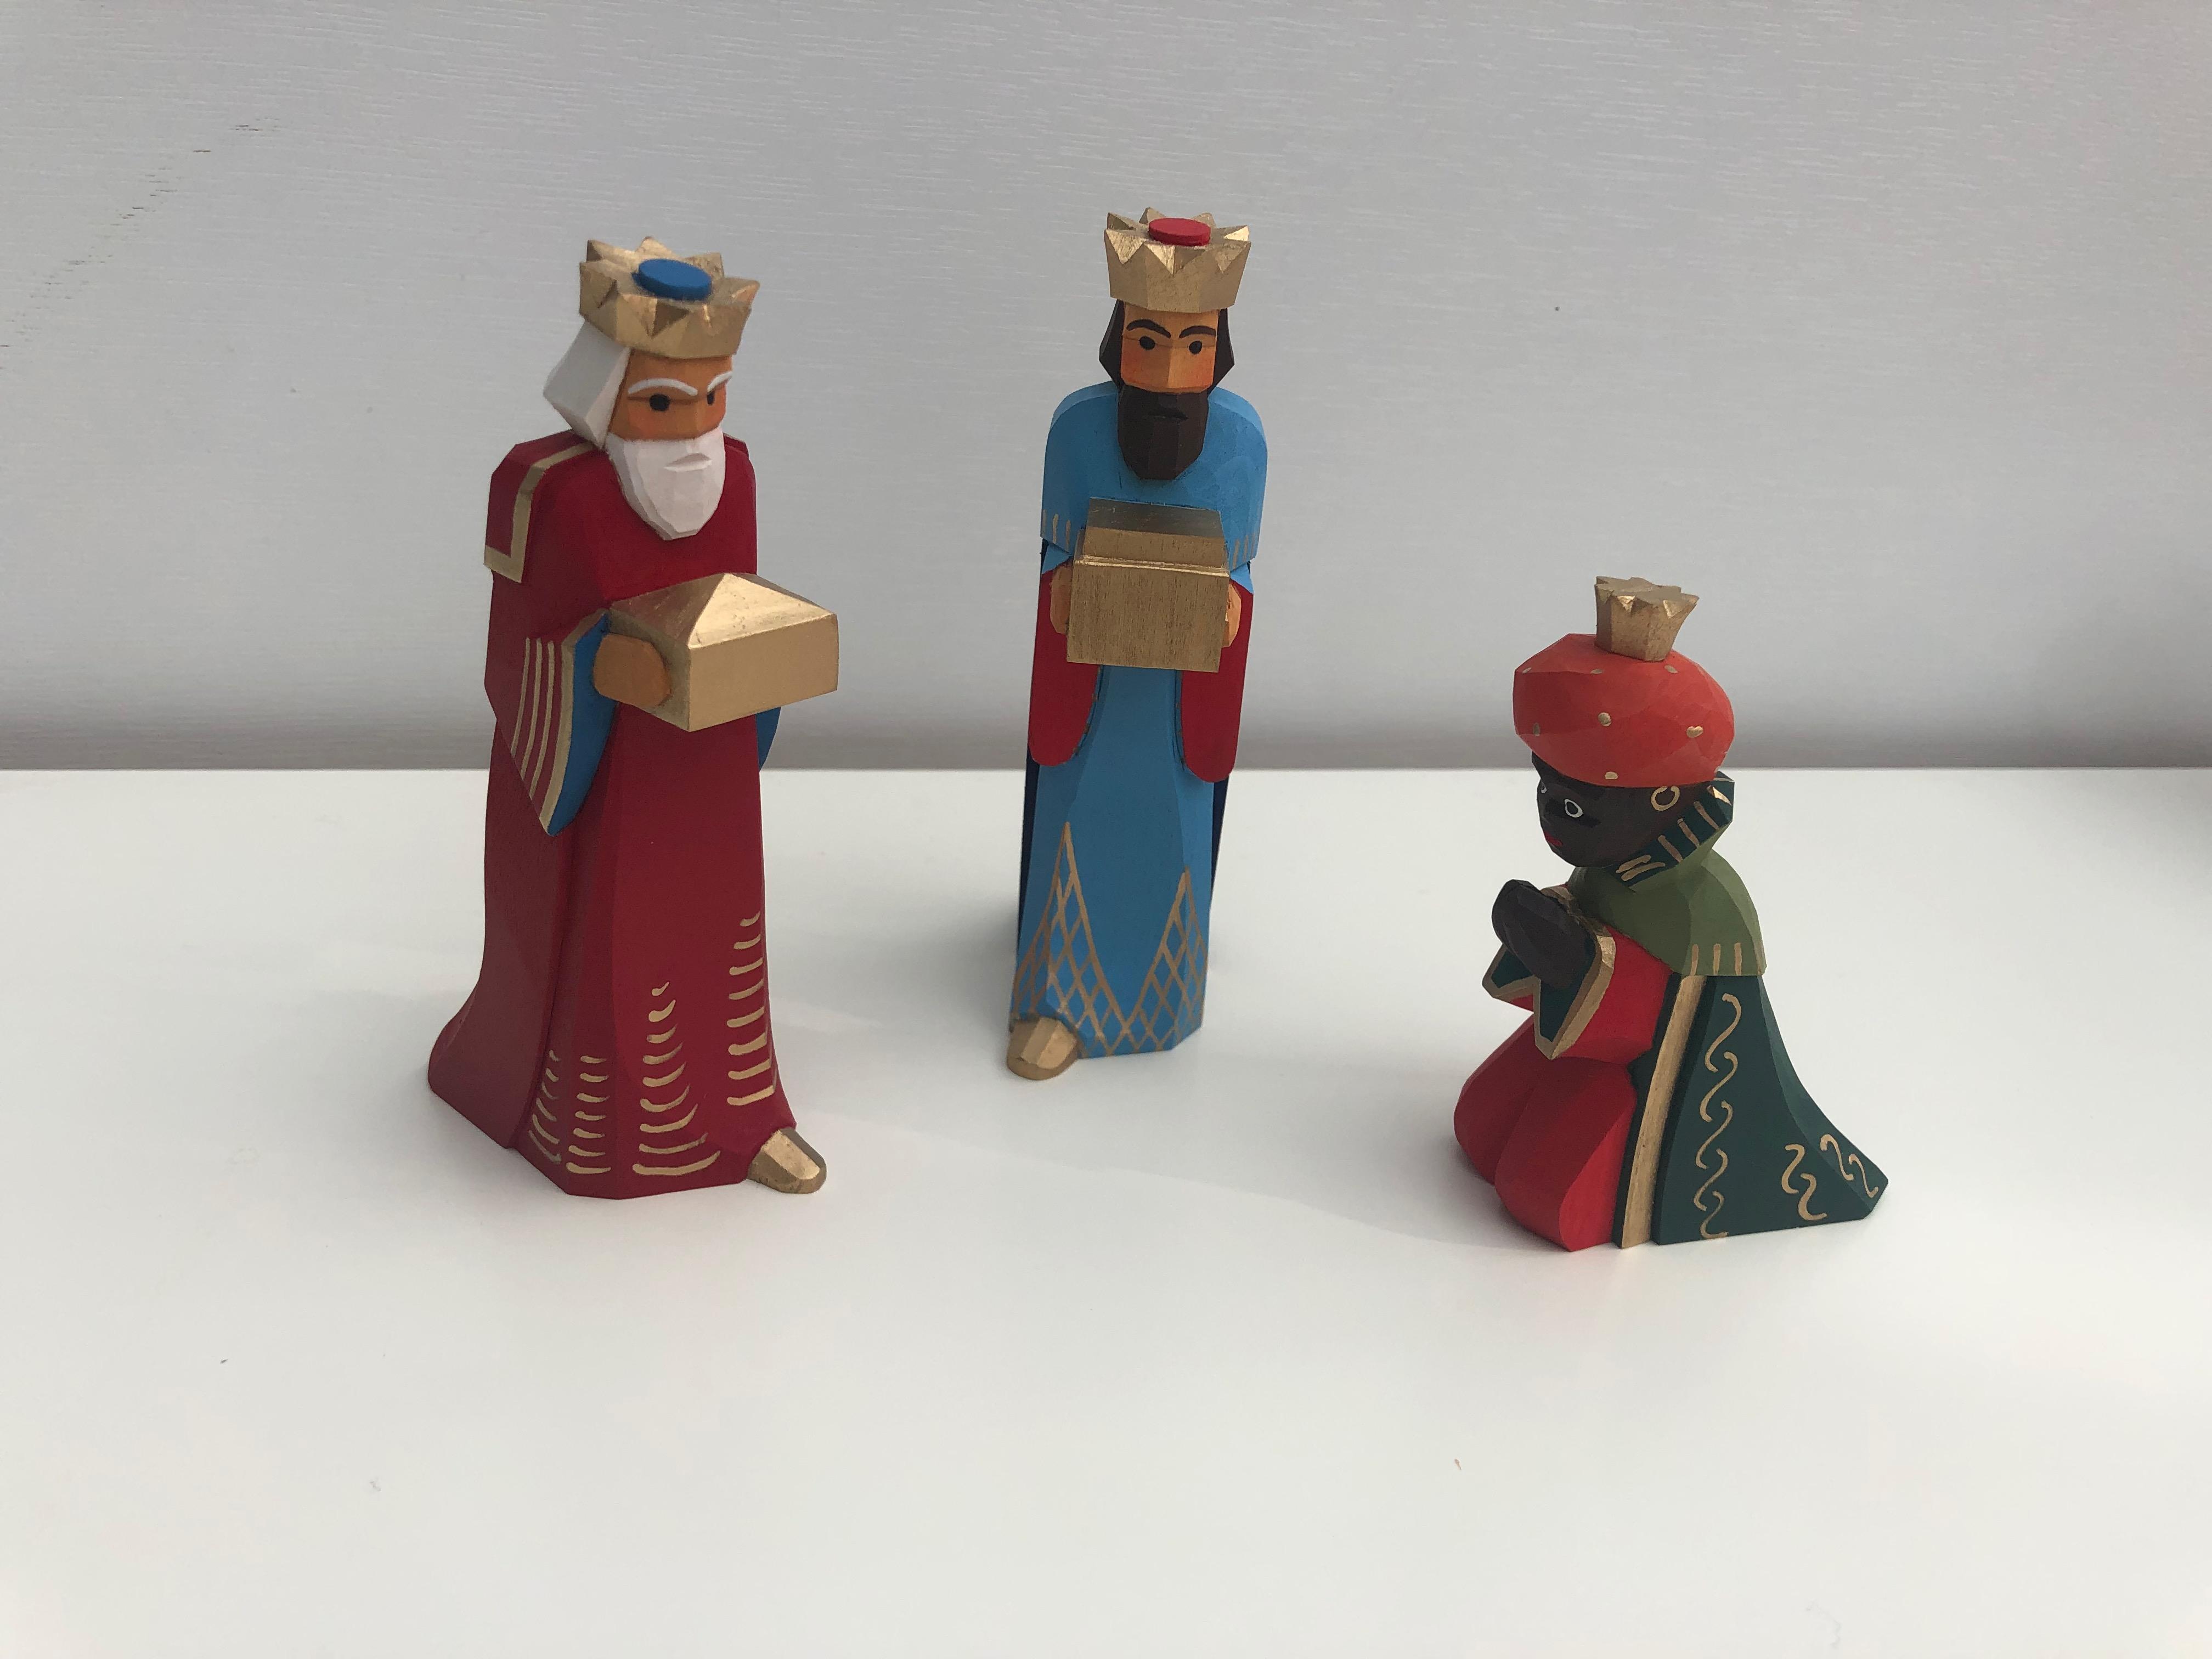 Sievers-Hahn Krippenfiguren Set mit den Heiligen Drei Königen Caspar, Melchior und Balthasr